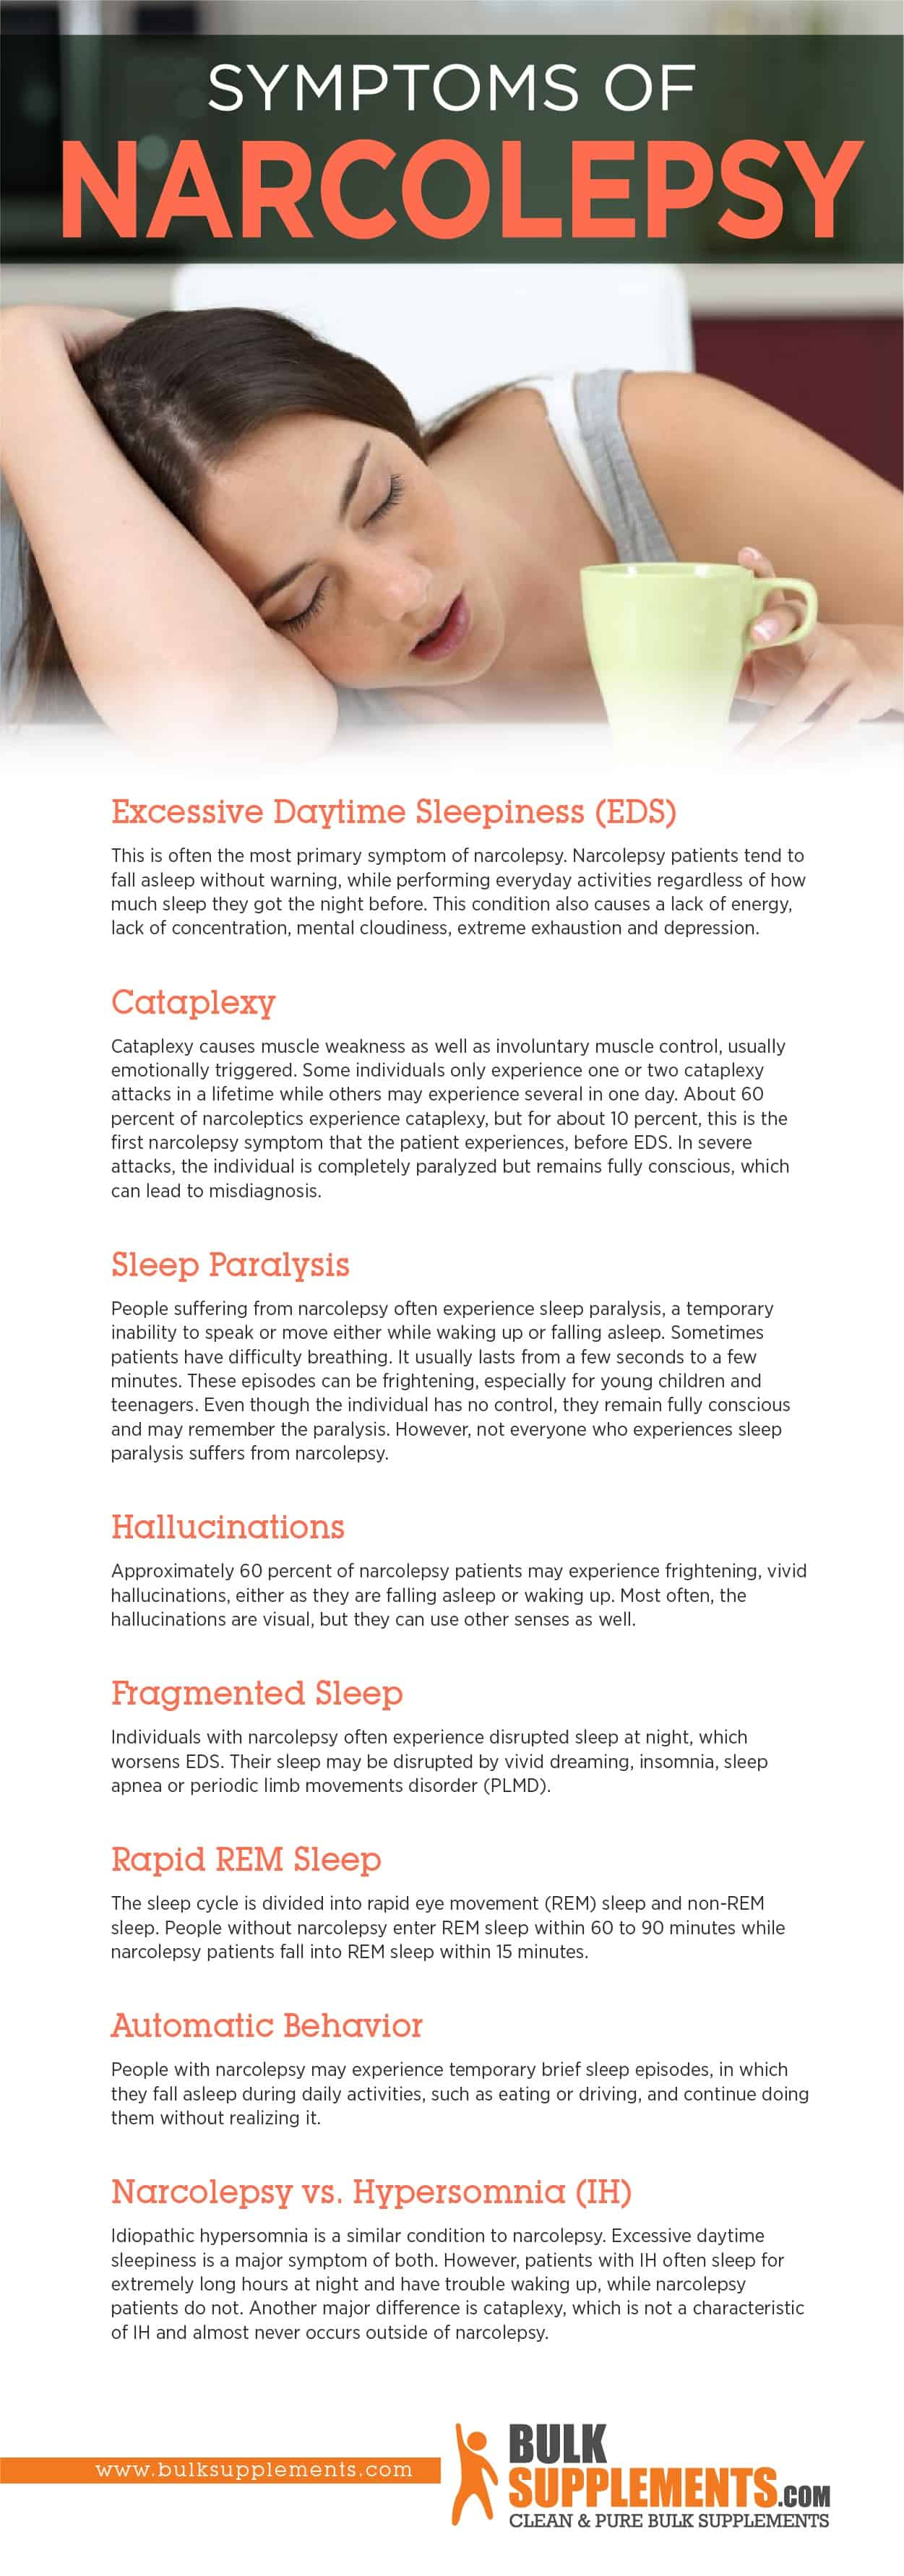 Narcolepsy Symptoms